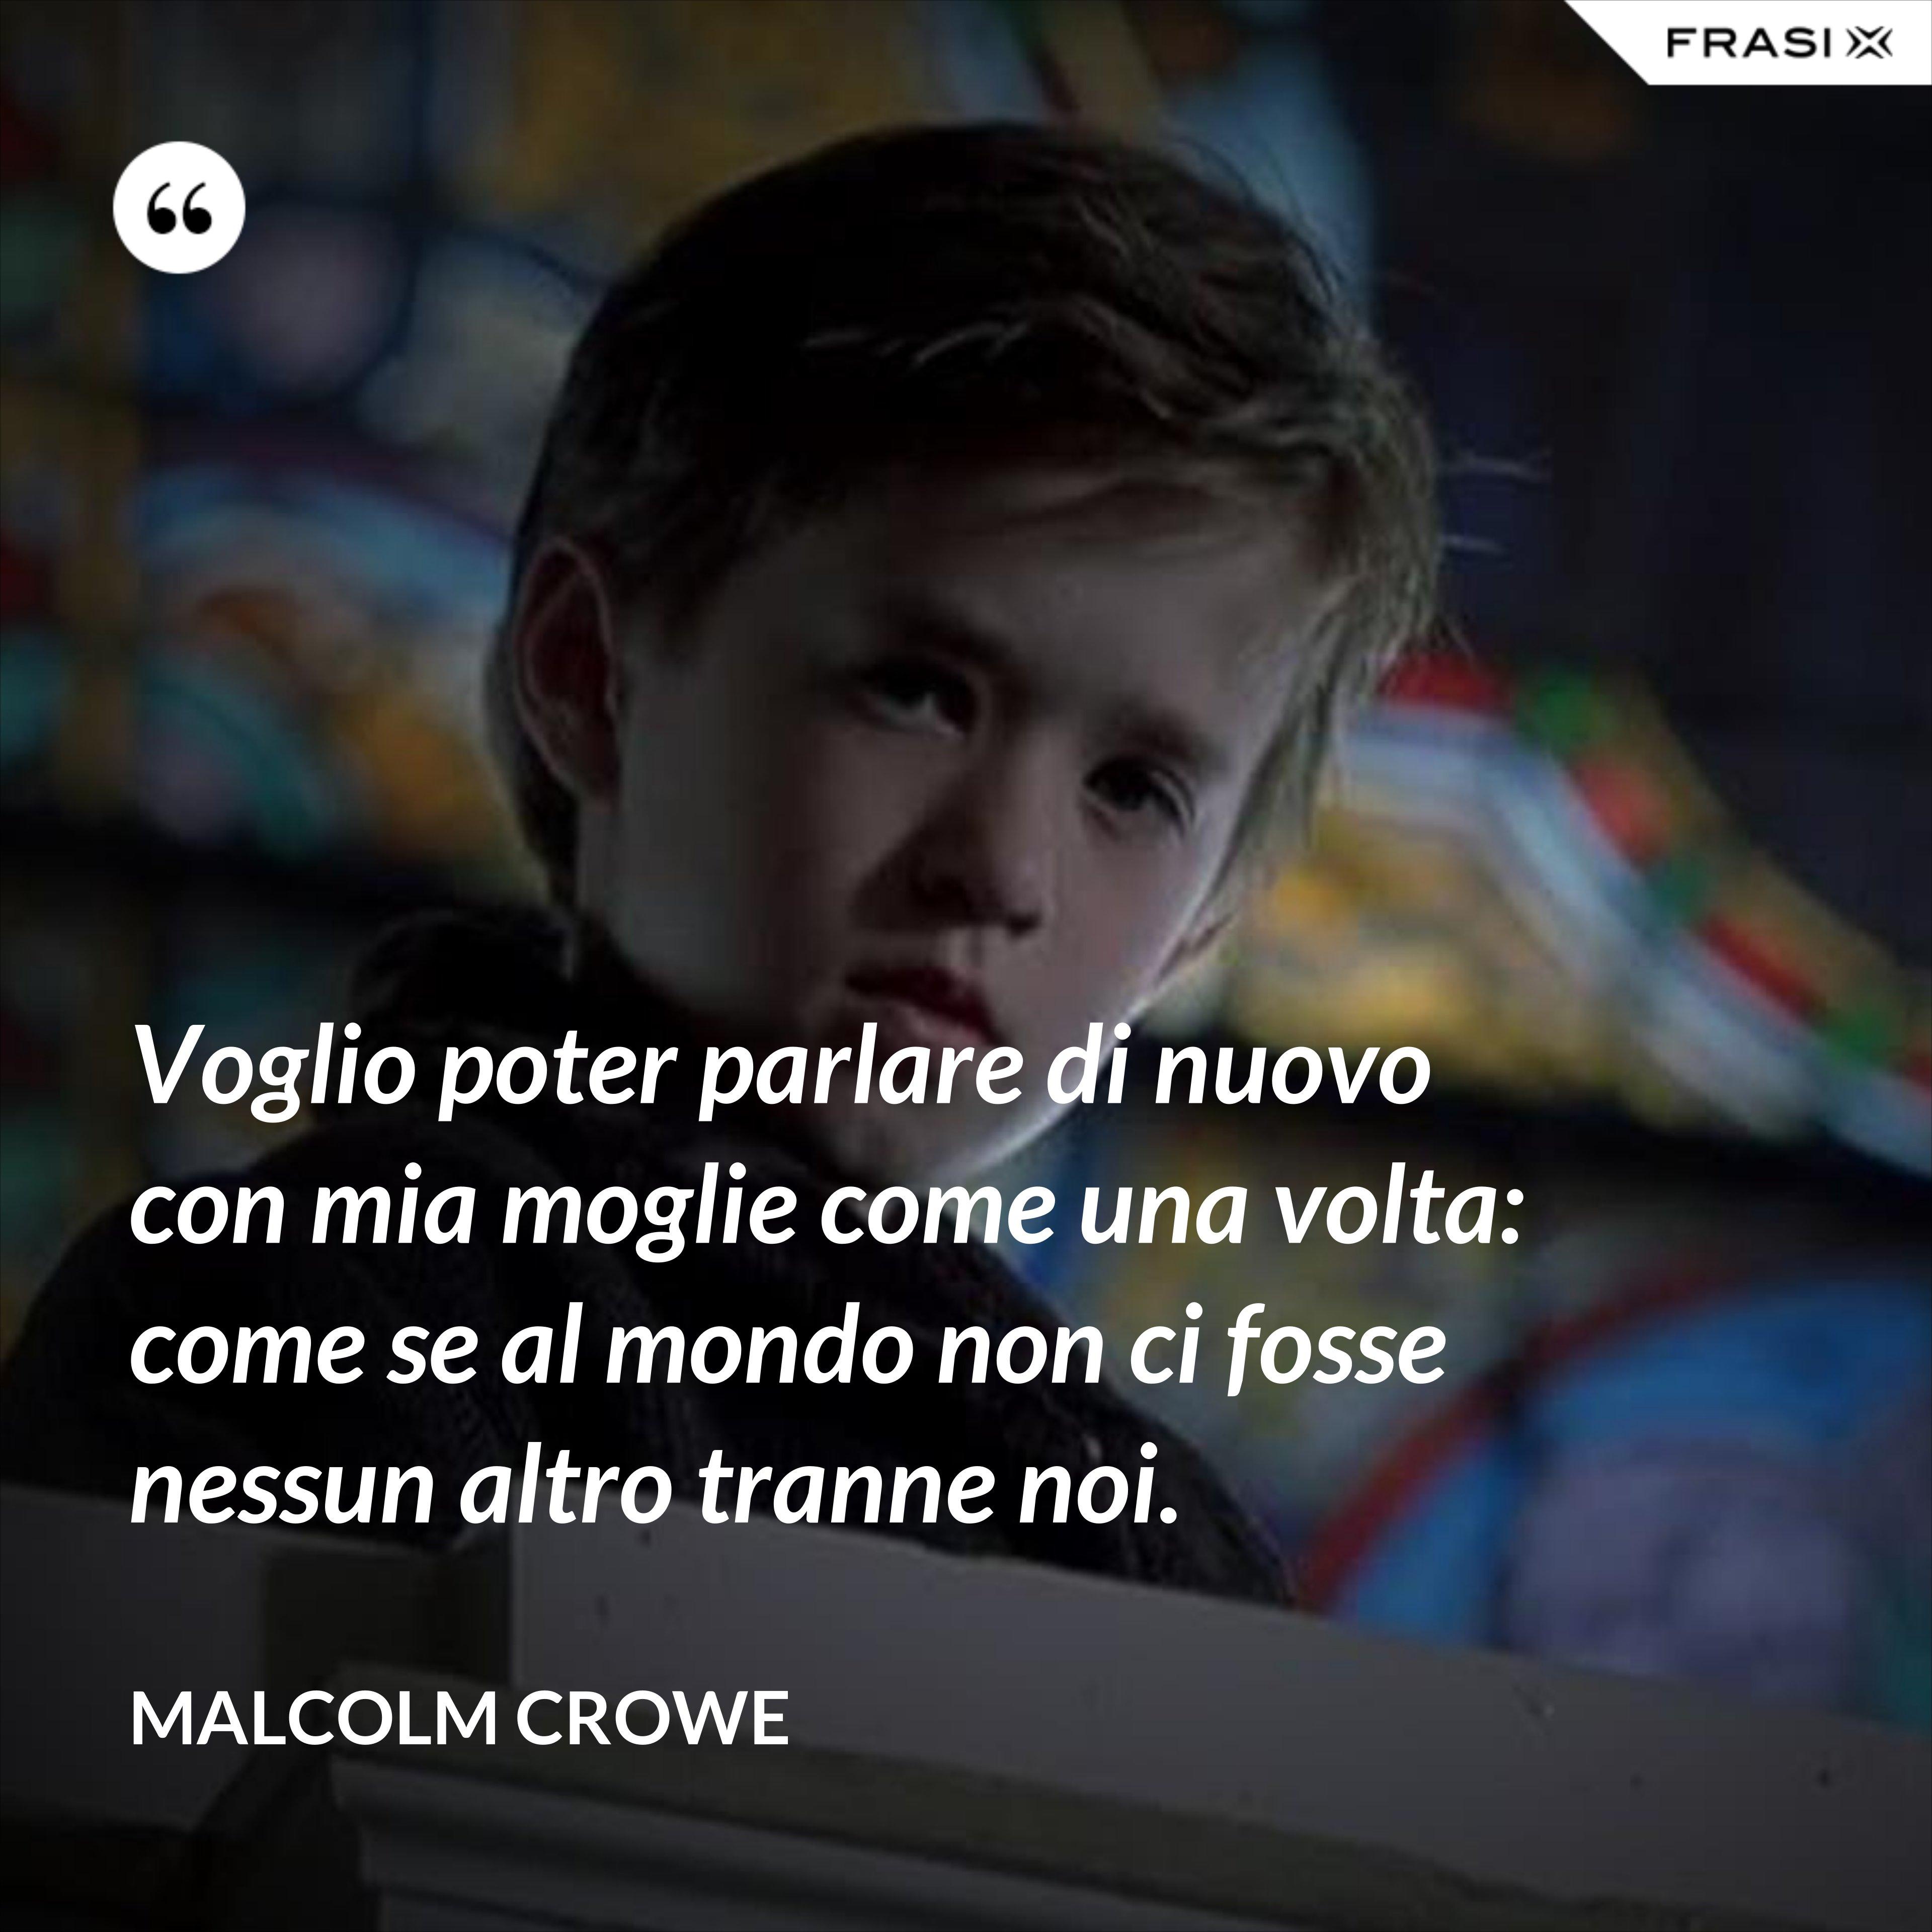 Voglio poter parlare di nuovo con mia moglie come una volta: come se al mondo non ci fosse nessun altro tranne noi. - Malcolm Crowe